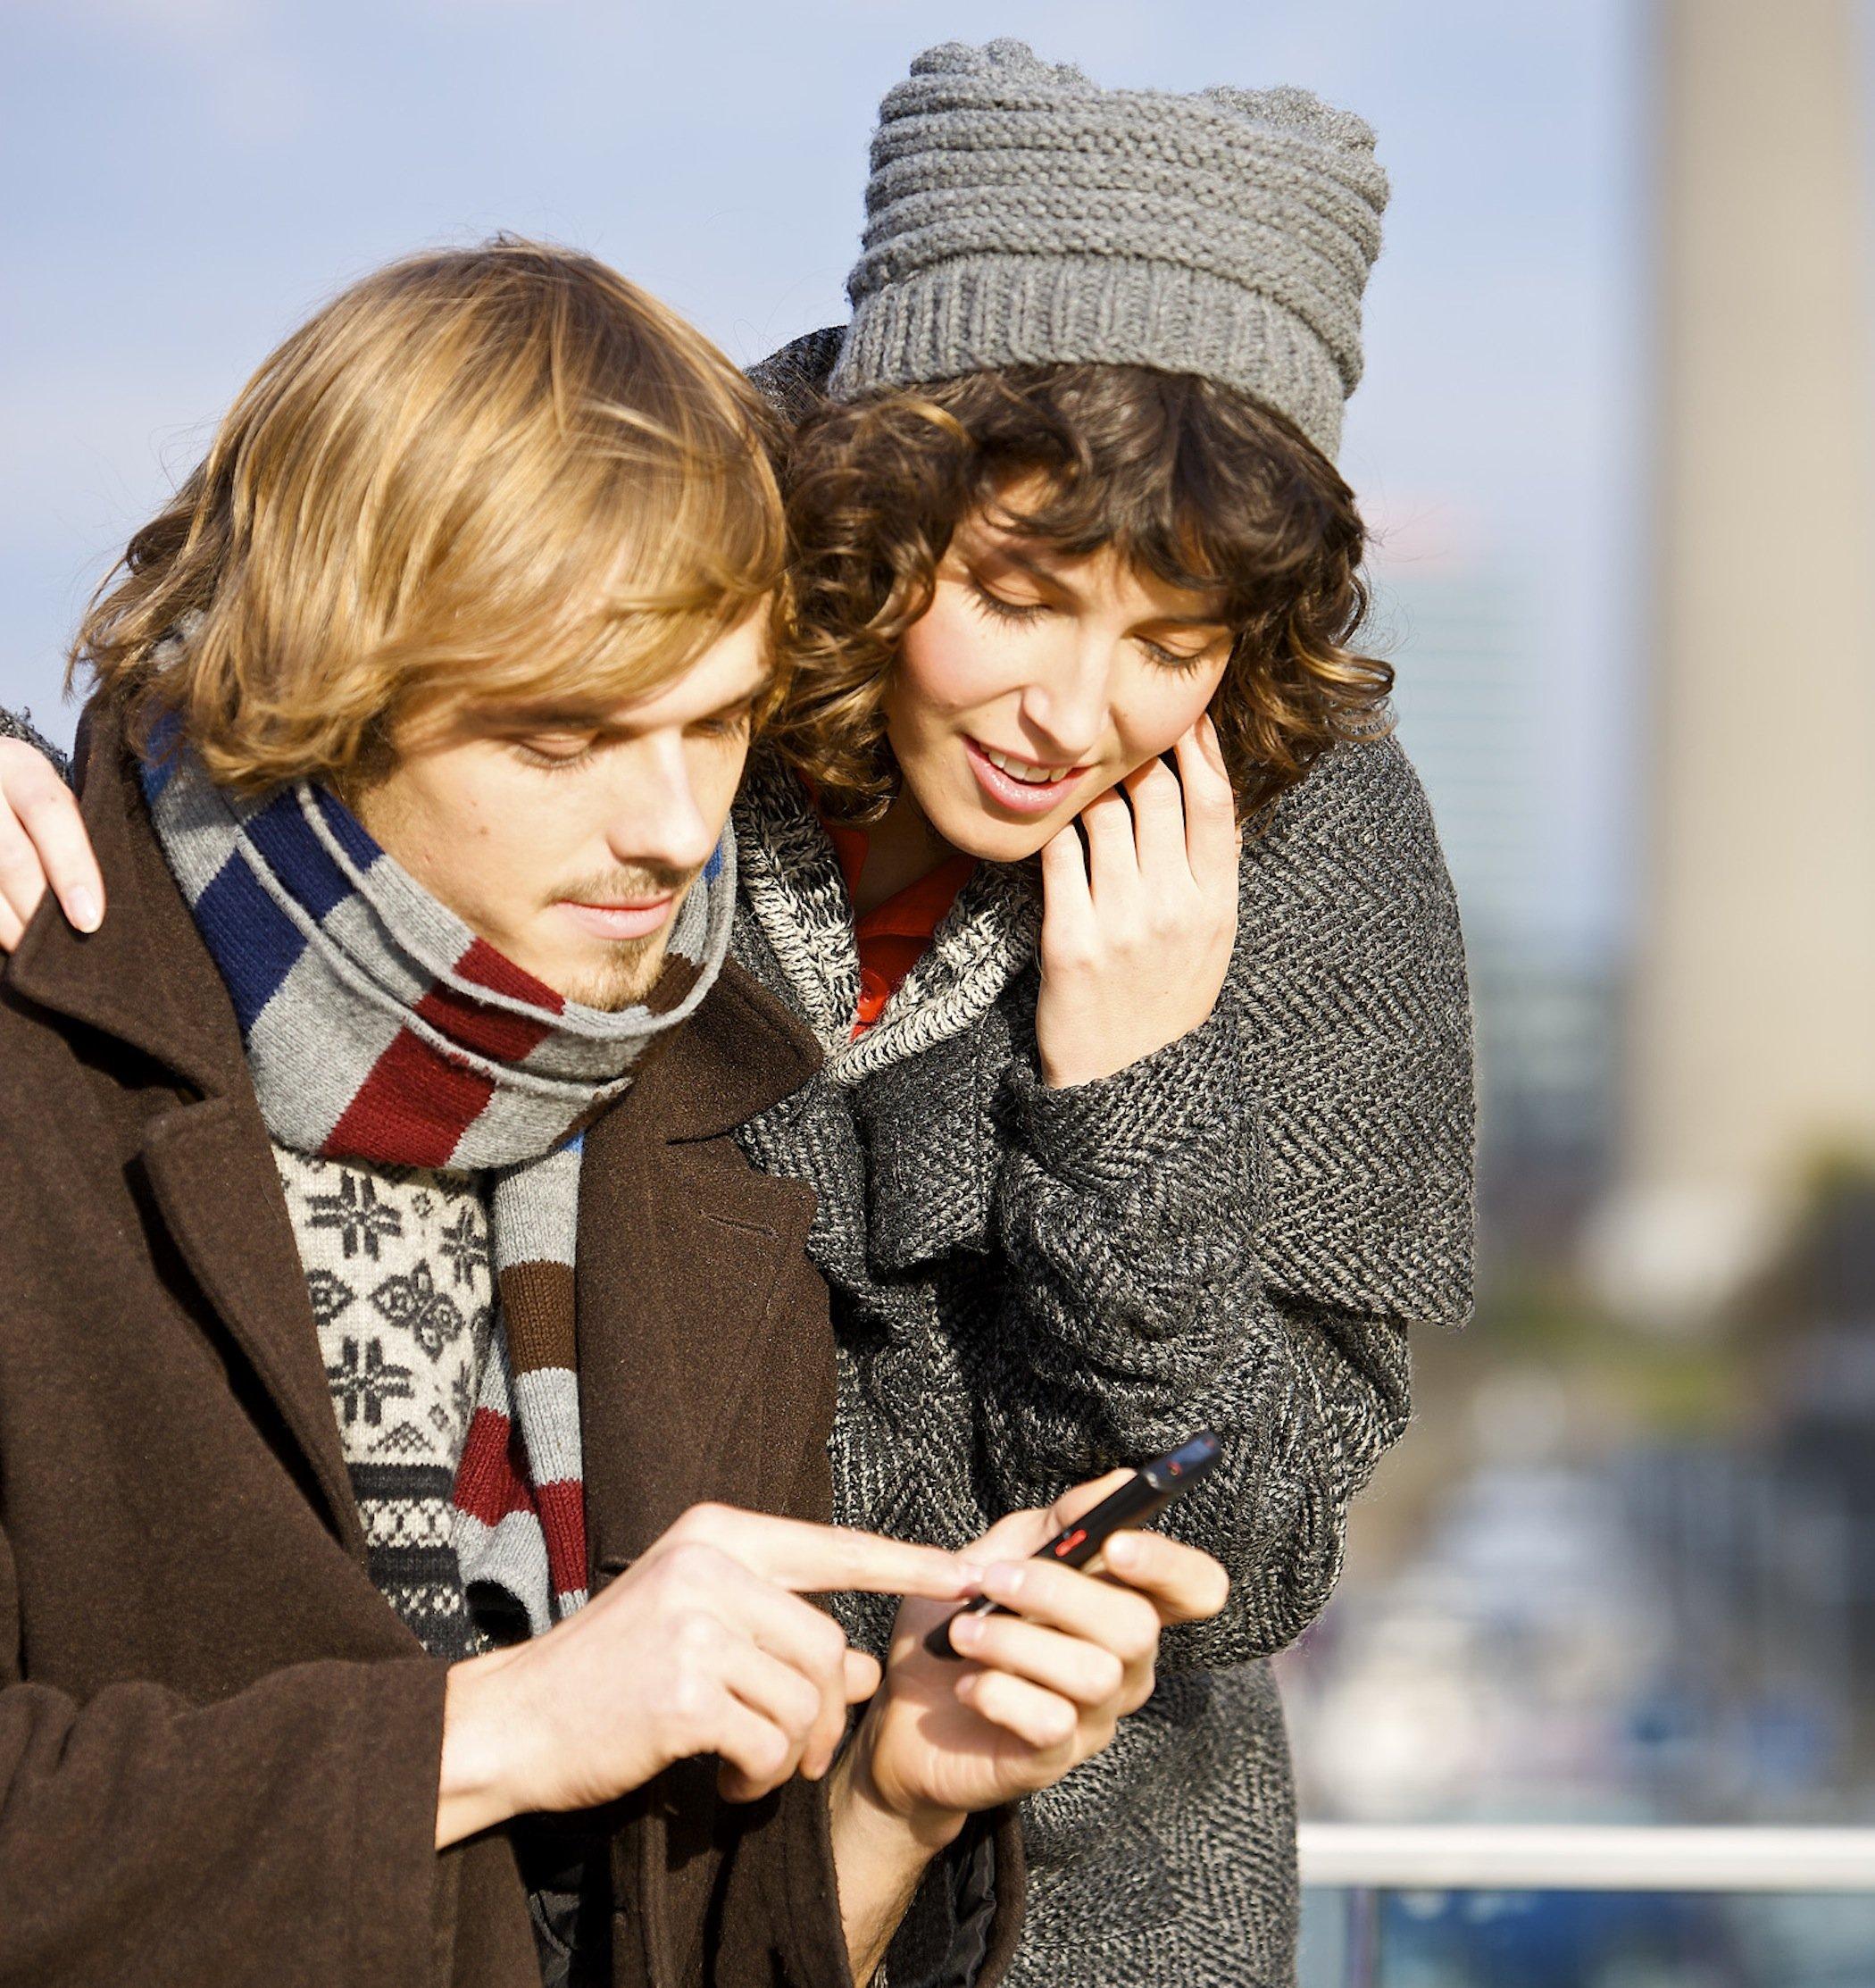 Junge Leute nutzen schnelles Internet unterwegs: Das KIT würde am liebsten ein 90-MHz-Intervall auf UHF-Bändern für das mobile Internet reservieren. Neben der mobilen Kommunikation könnten auch Anwendungen wie die Veranstaltungstechnik davon profitieren. Rettungskräfte könnten die Frequenzen im Katastrophenfall nutzen.